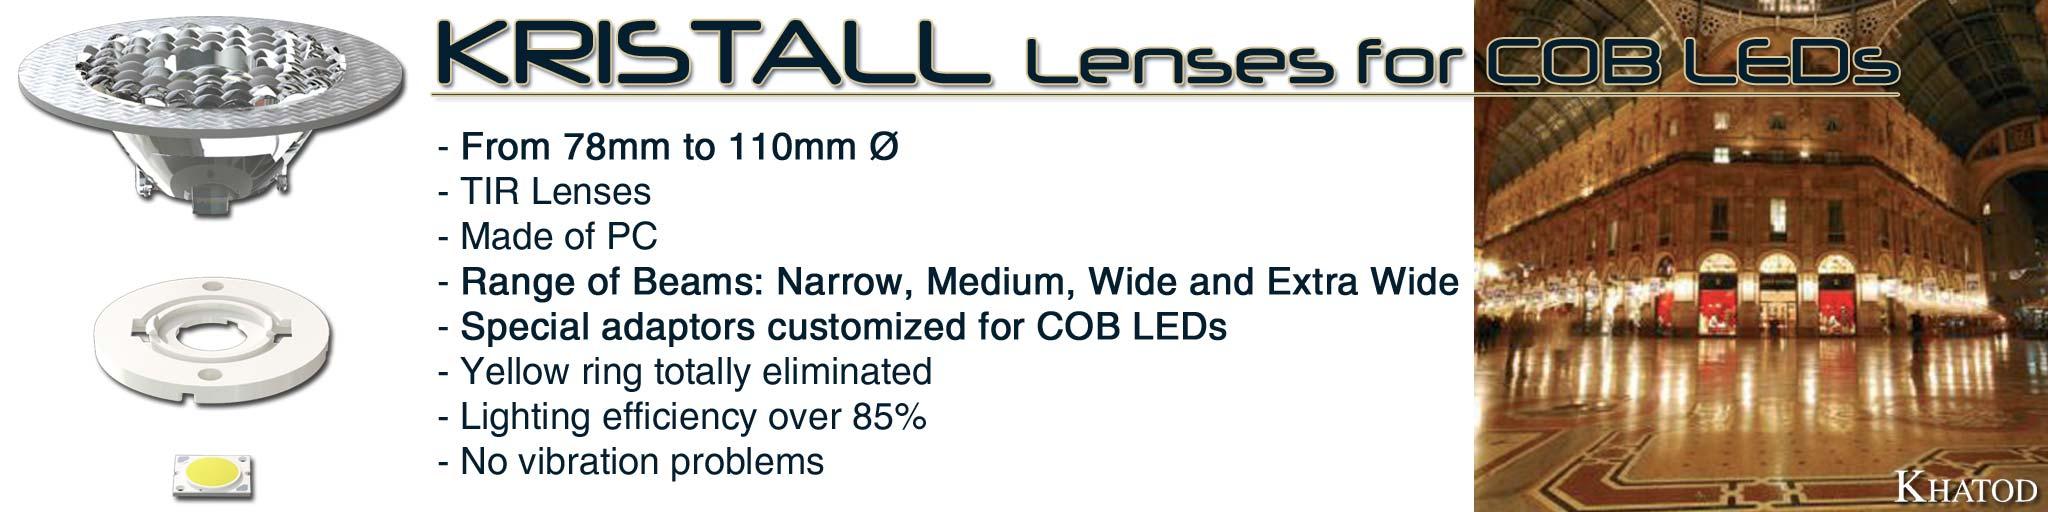 Kristall Lenses for COB LEDs